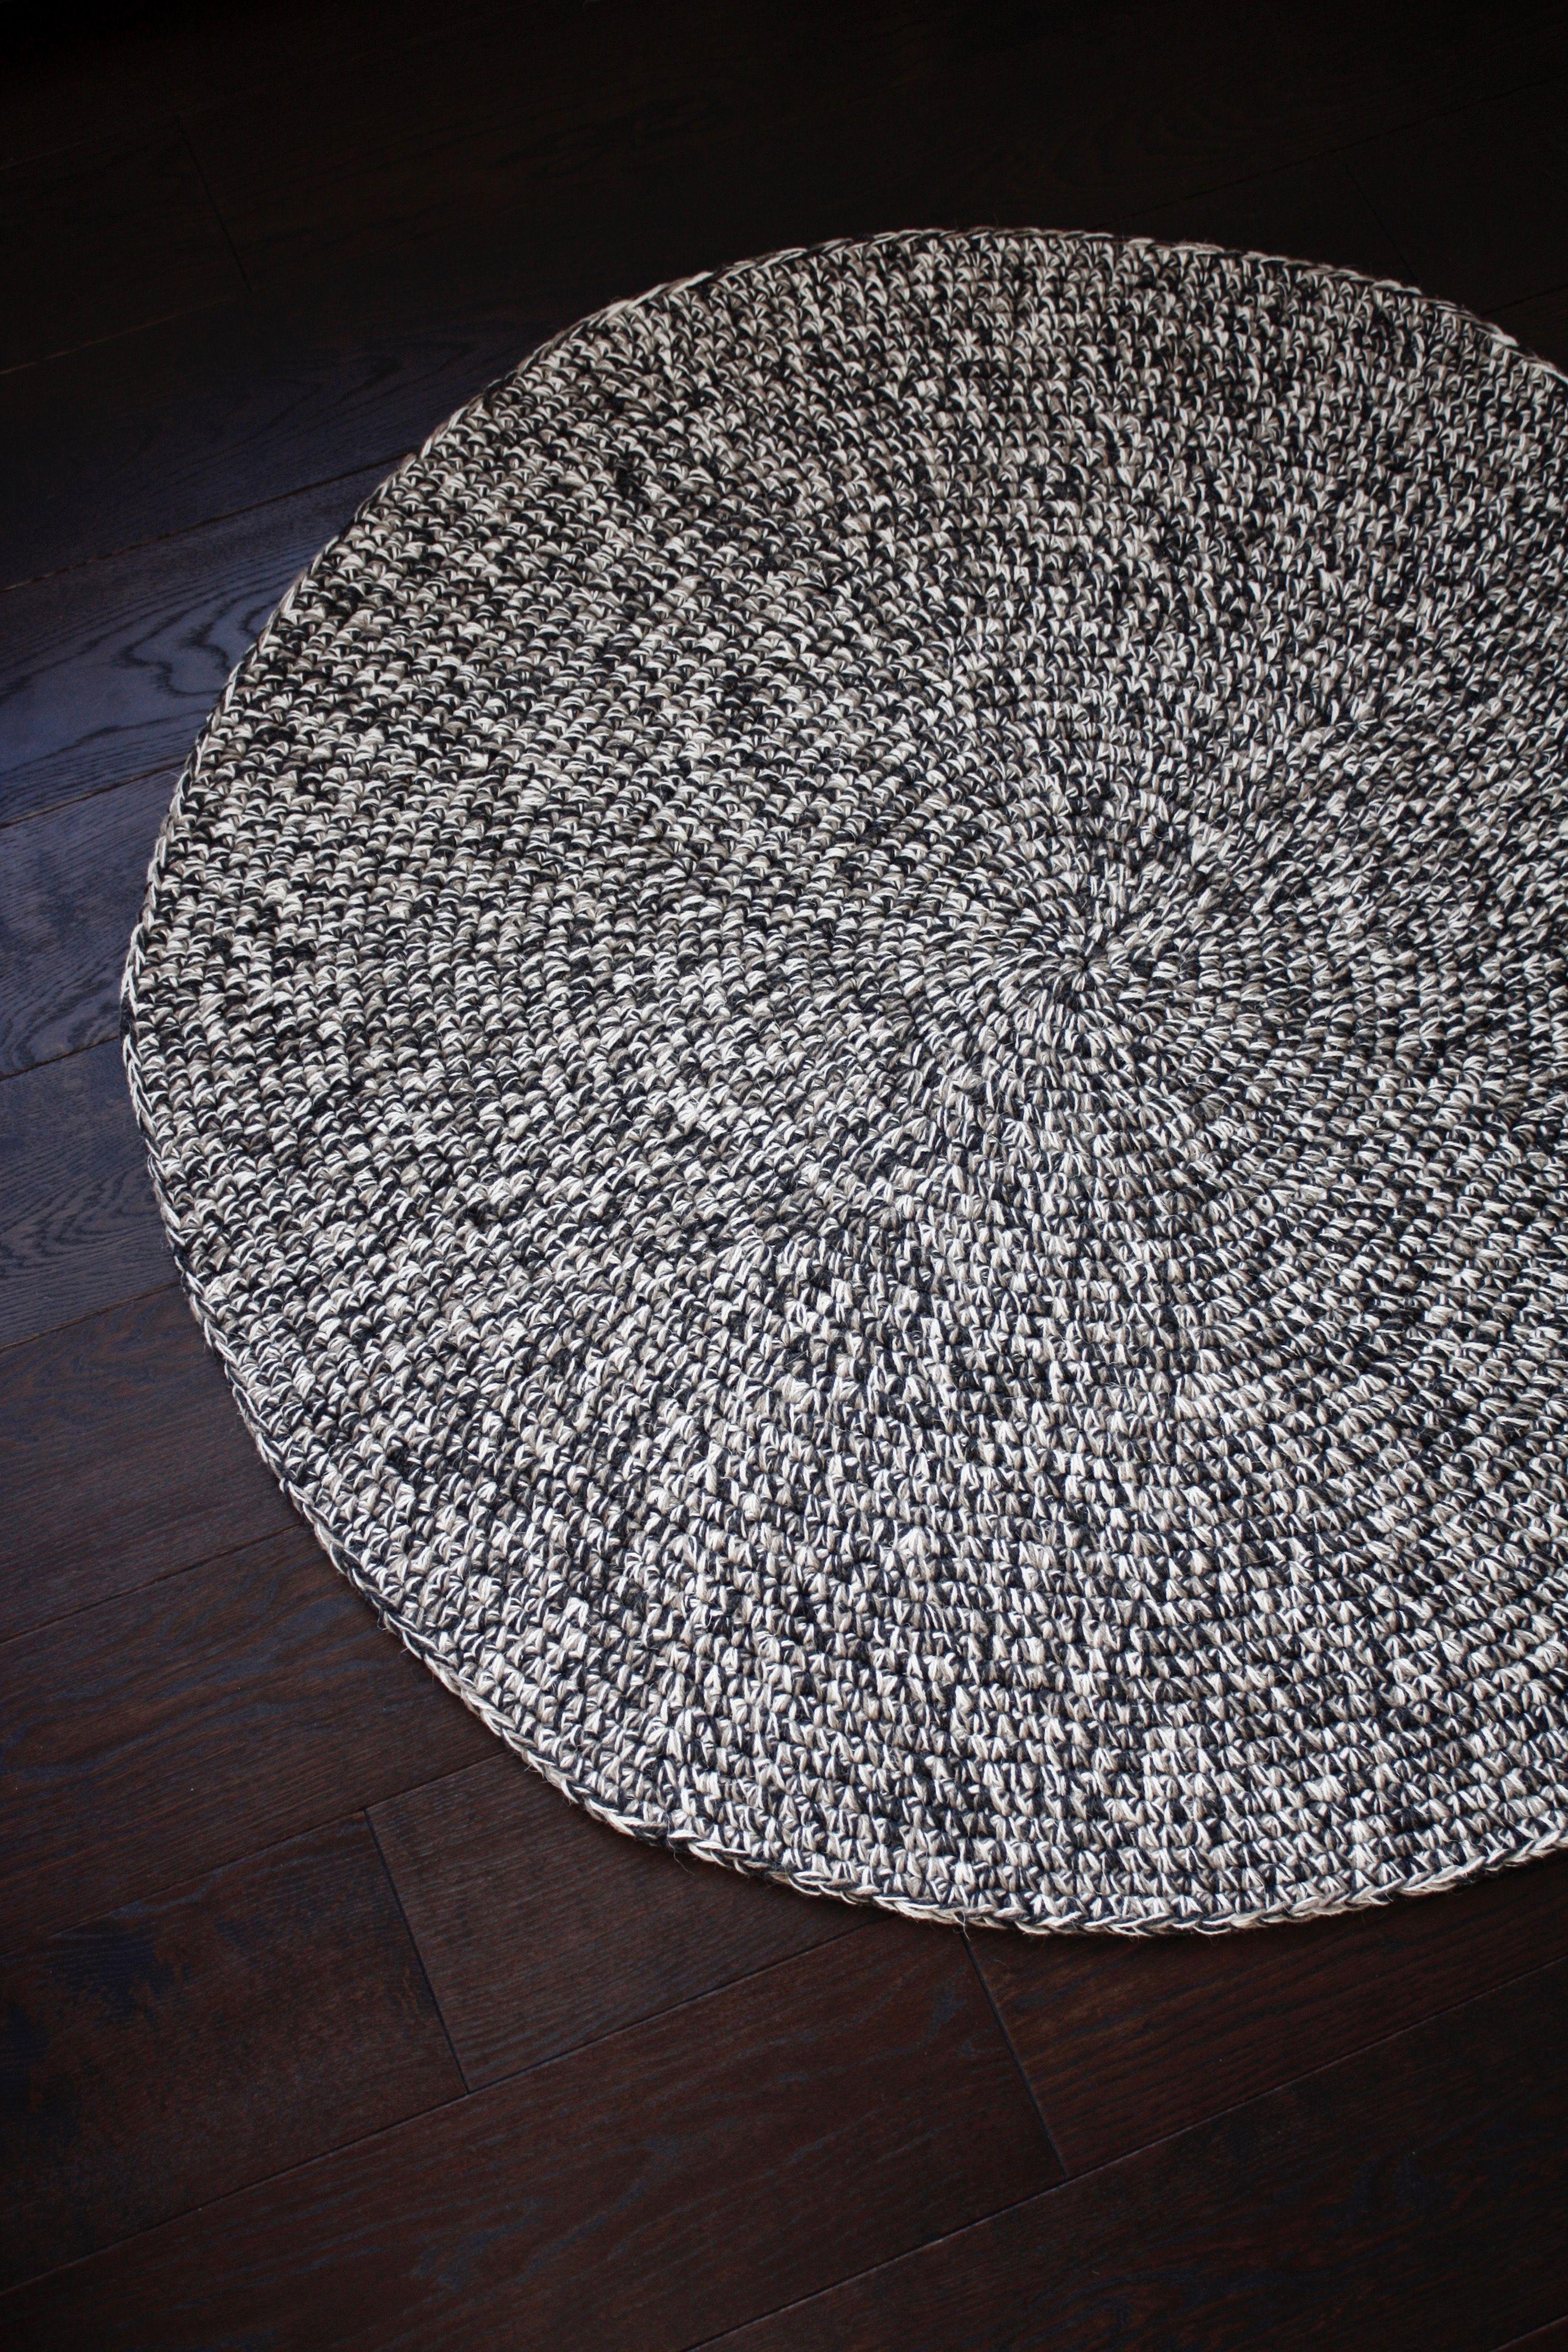 49(125Cm) Wool Rug Knitted Rugs Bedroom Rug Wool Rug Handcrochet Round Rug Wool Carpet Nursery Rug Handmade